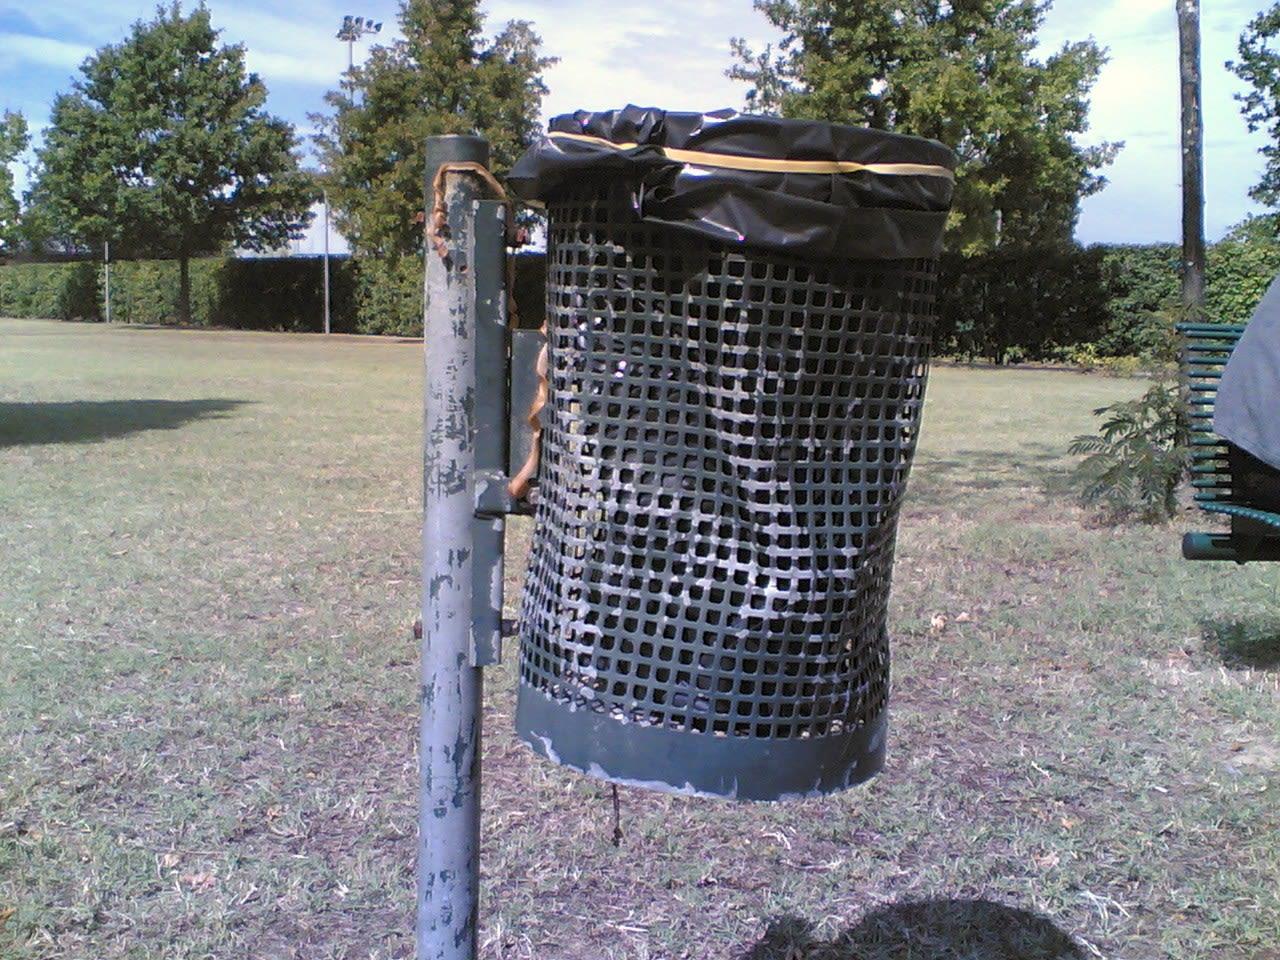 cestino dei rifiuti sensibilizzazione ambientale